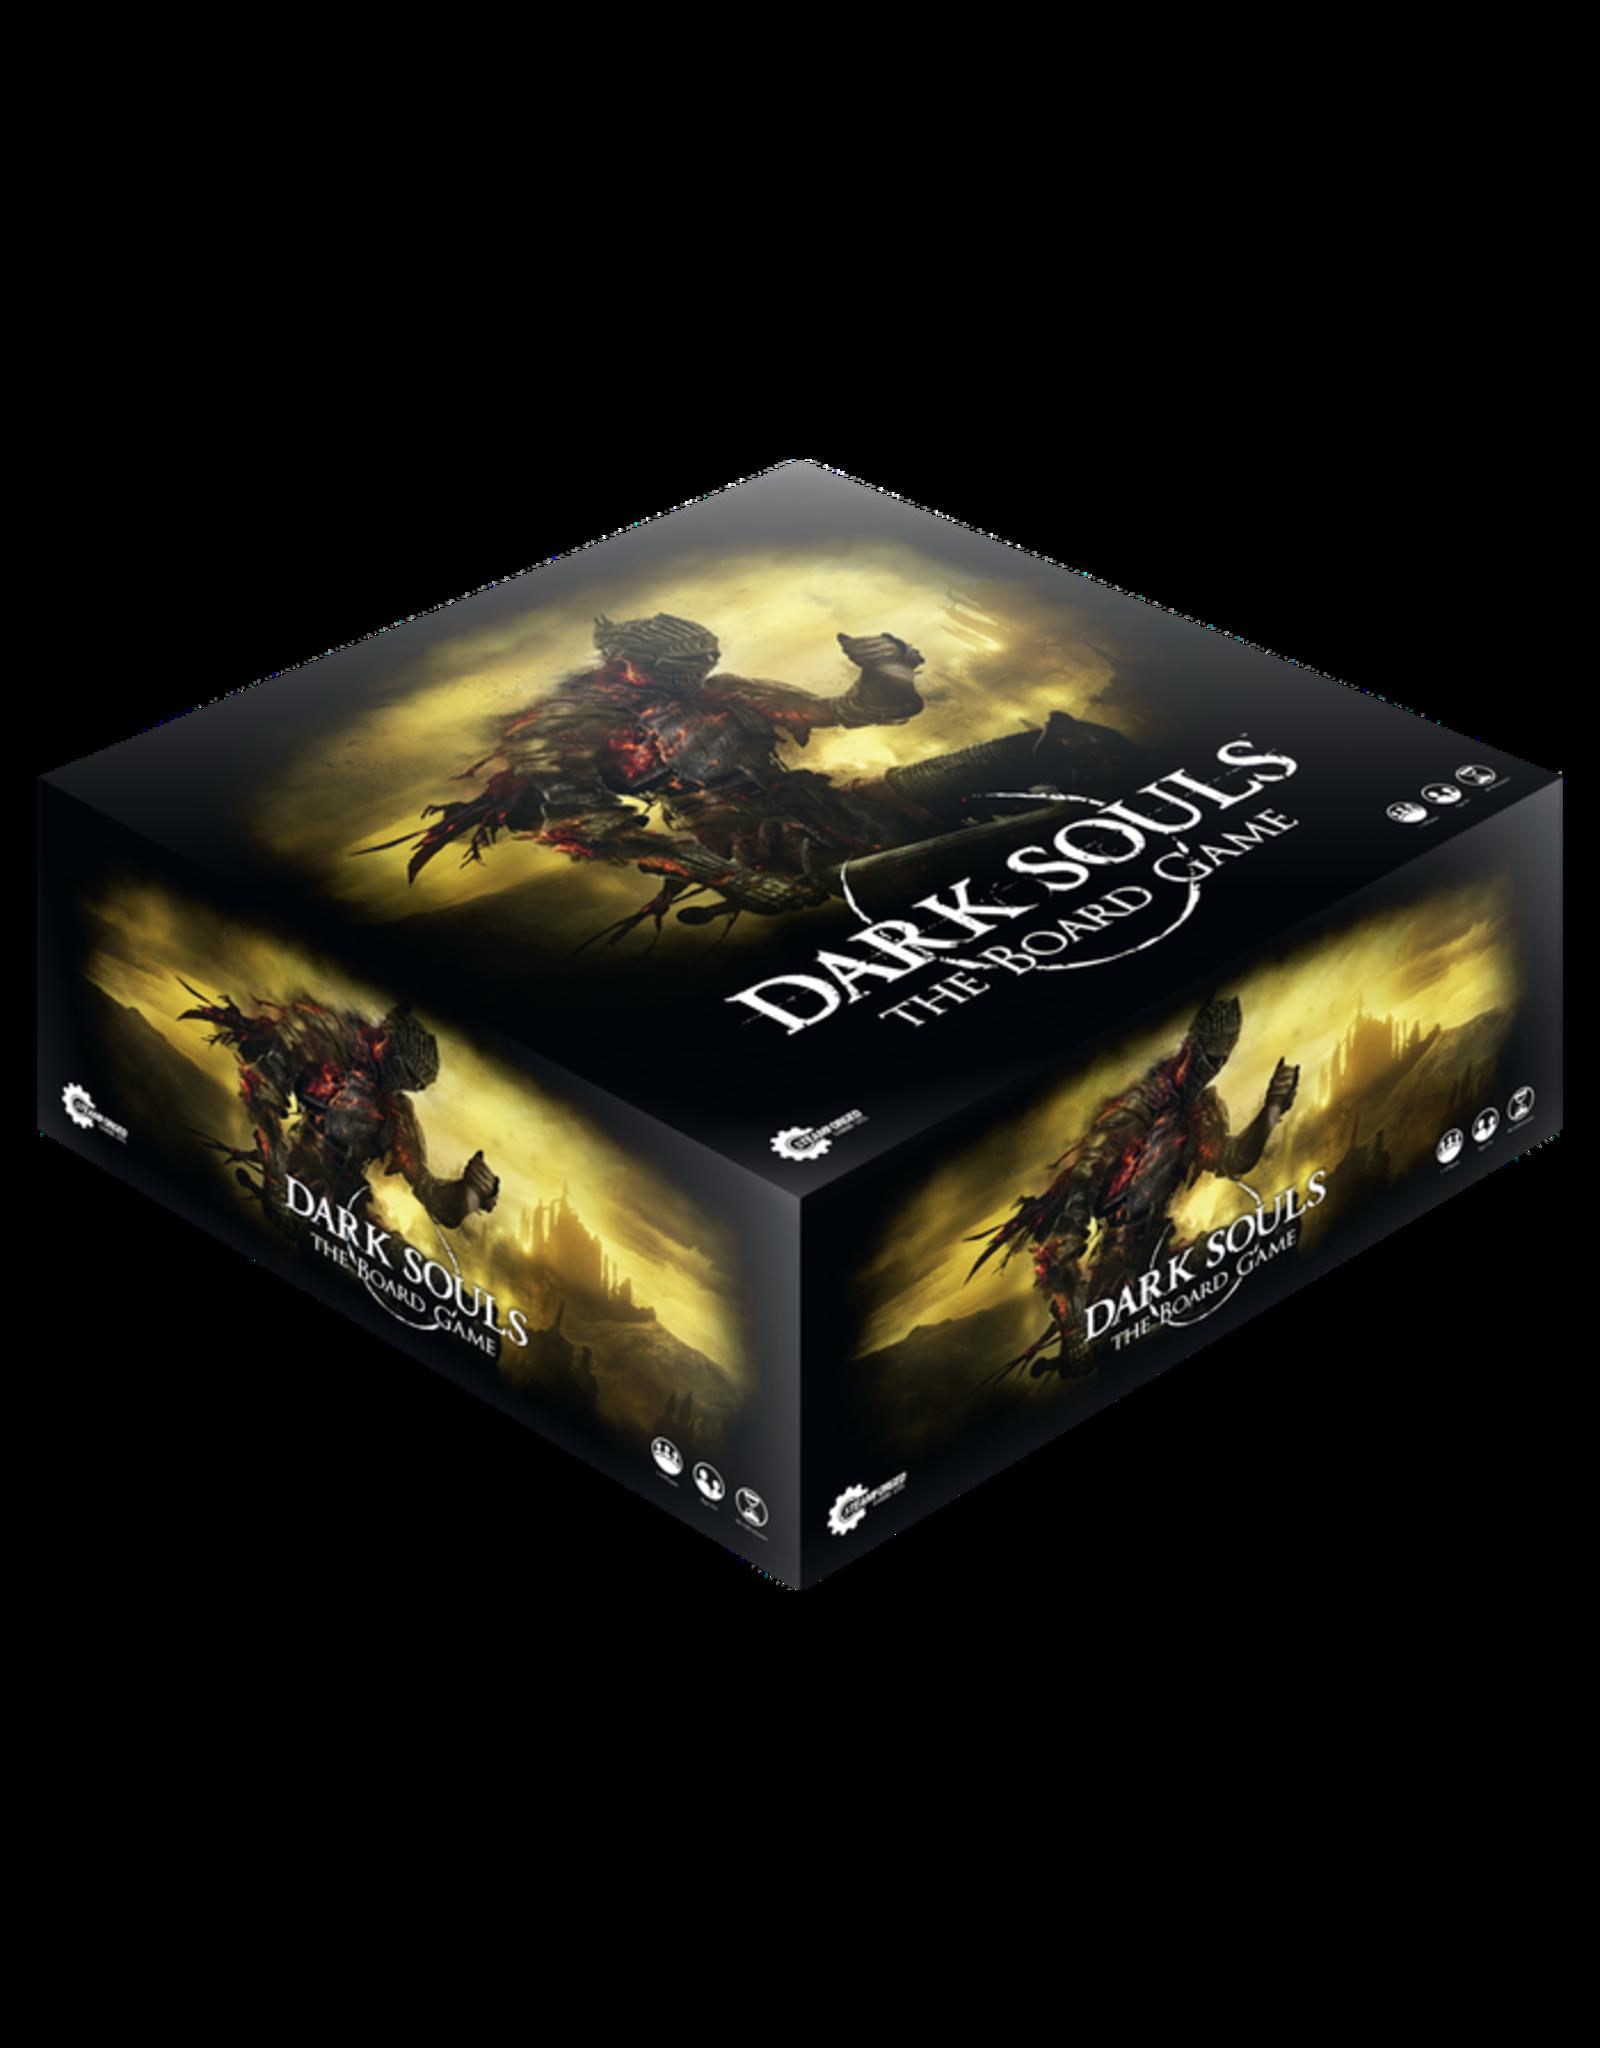 SFG Dark Souls: The Board Game